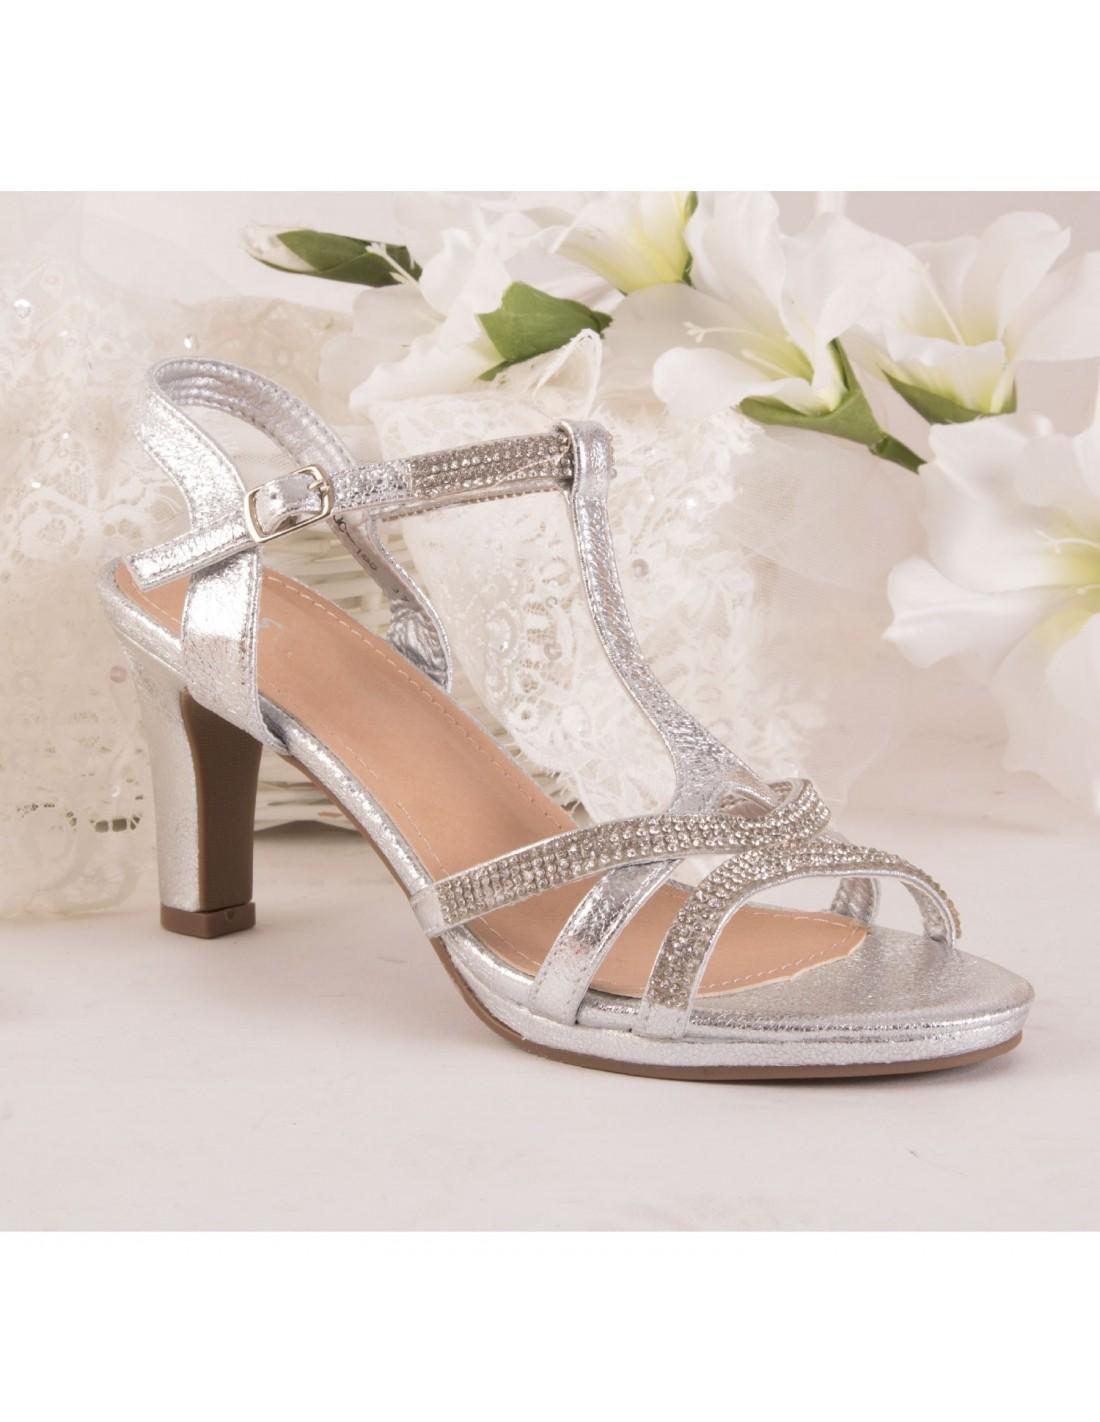 ecb58d62cc9d3d ... Chaussure mariage femme sandale argentée & strass diamant talon bas 5cm  à bout ouvert bride cheville